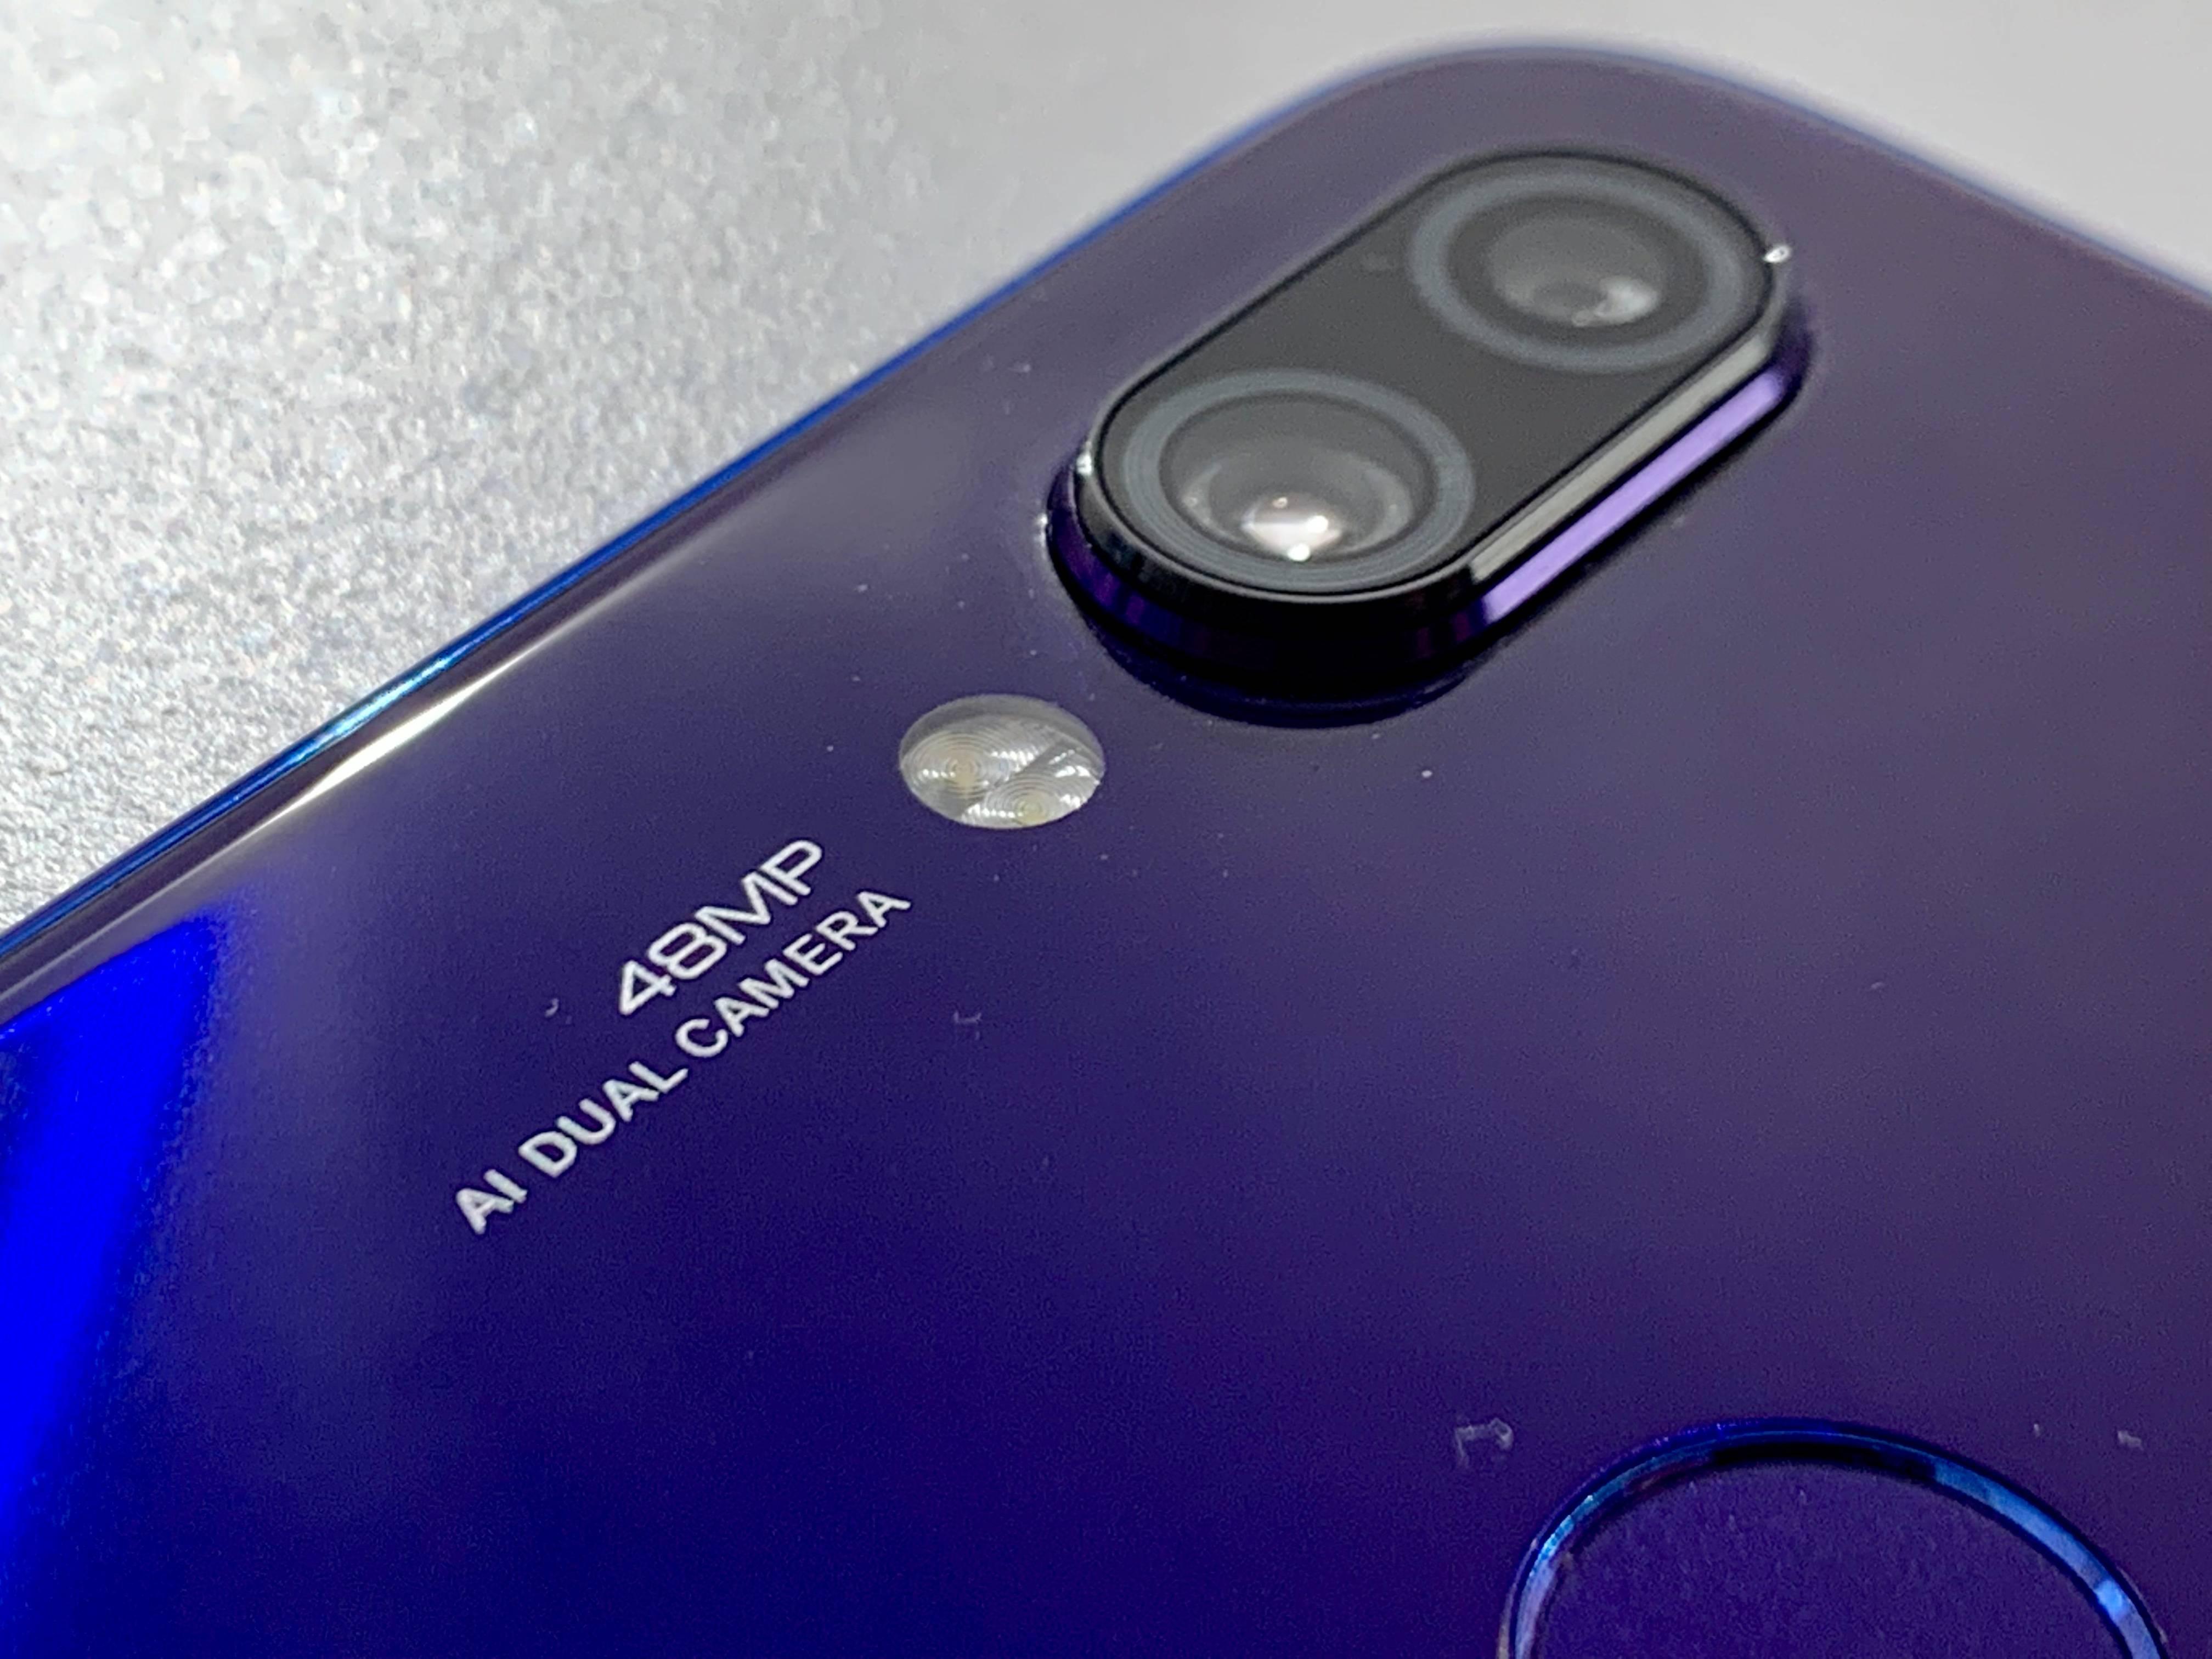 Lo mejor que puedes encontrar por este precio: Review del Xiaomi Redmi Note 7 [FW Labs]